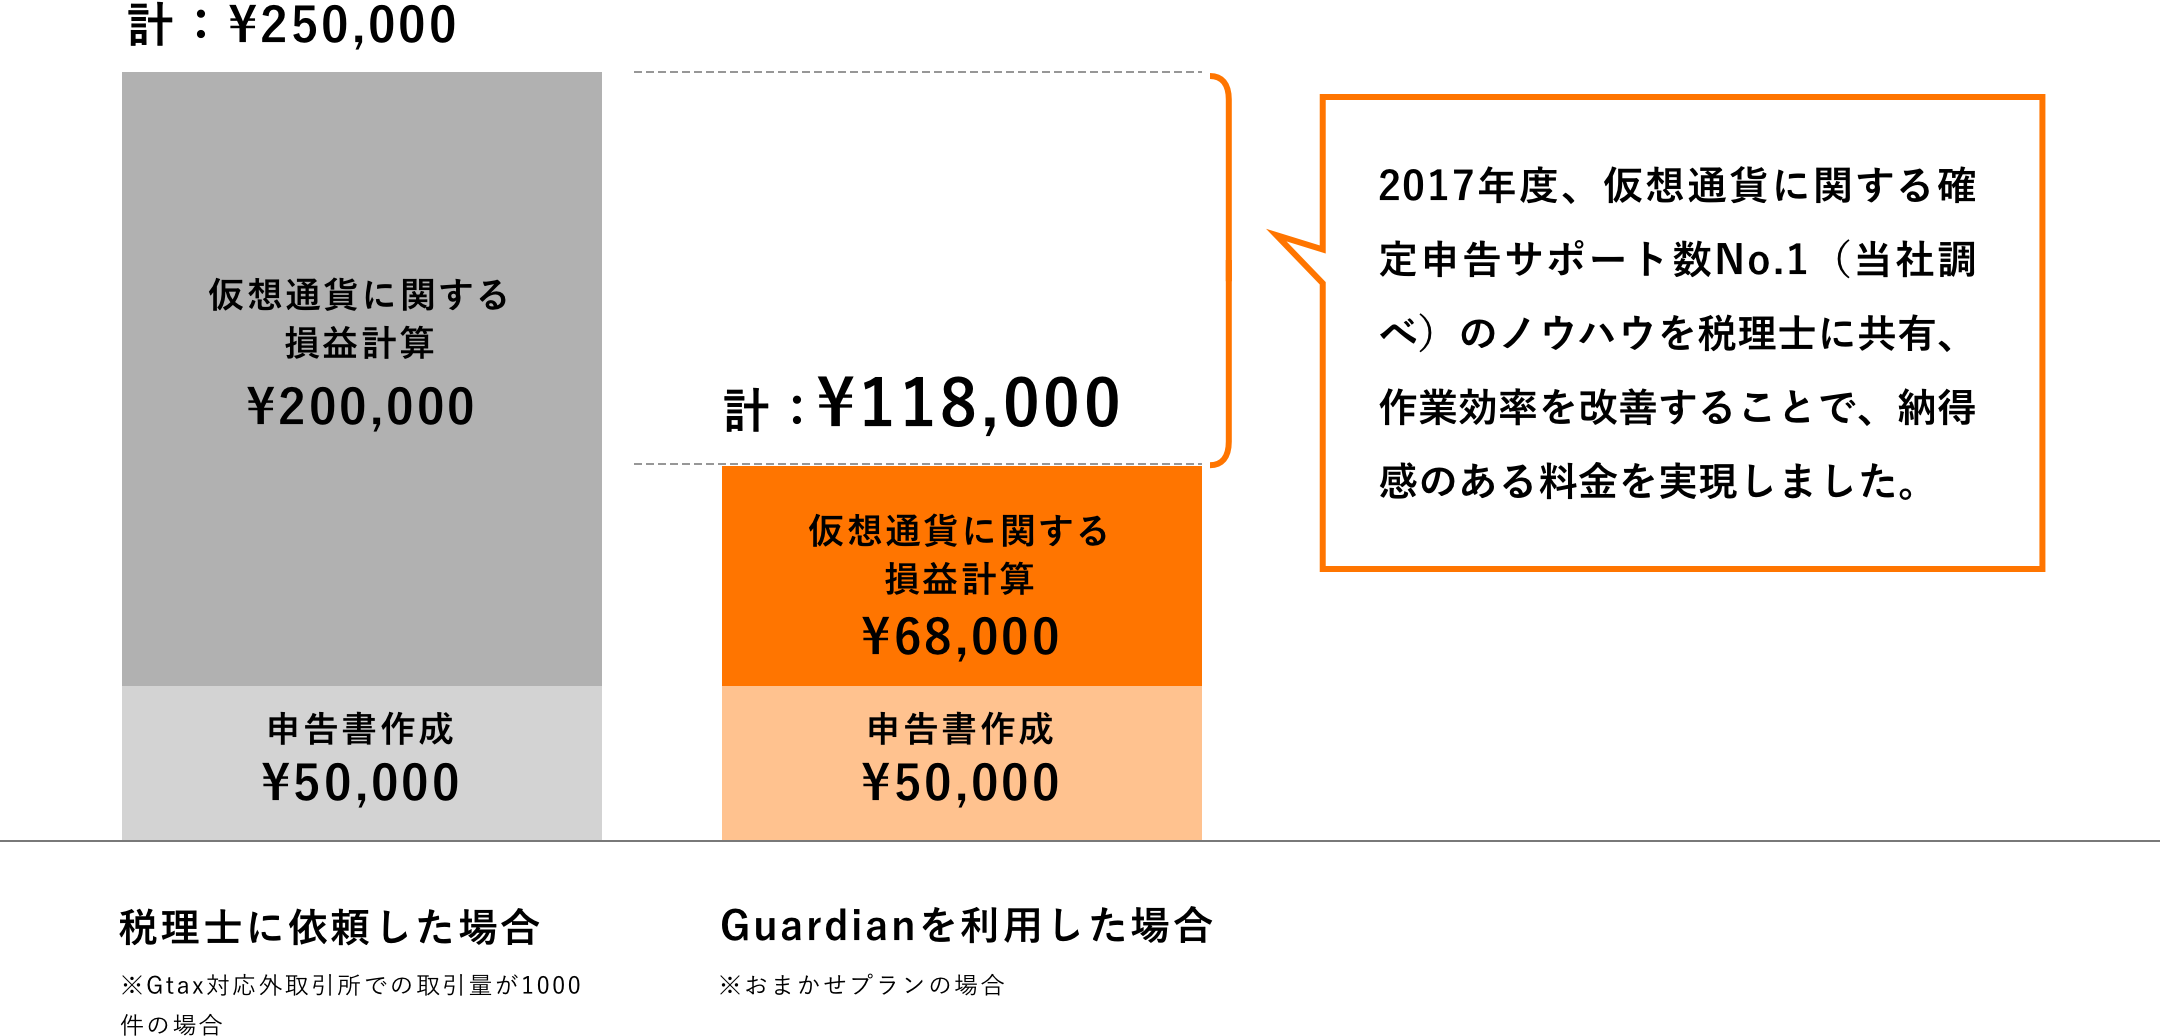 2017年度、仮想通貨に関する確定申告サポート数No.1(当社調べ)のノウハウを税理士に共有、作業効率を改善することで、納得感のある料金を実現しました。